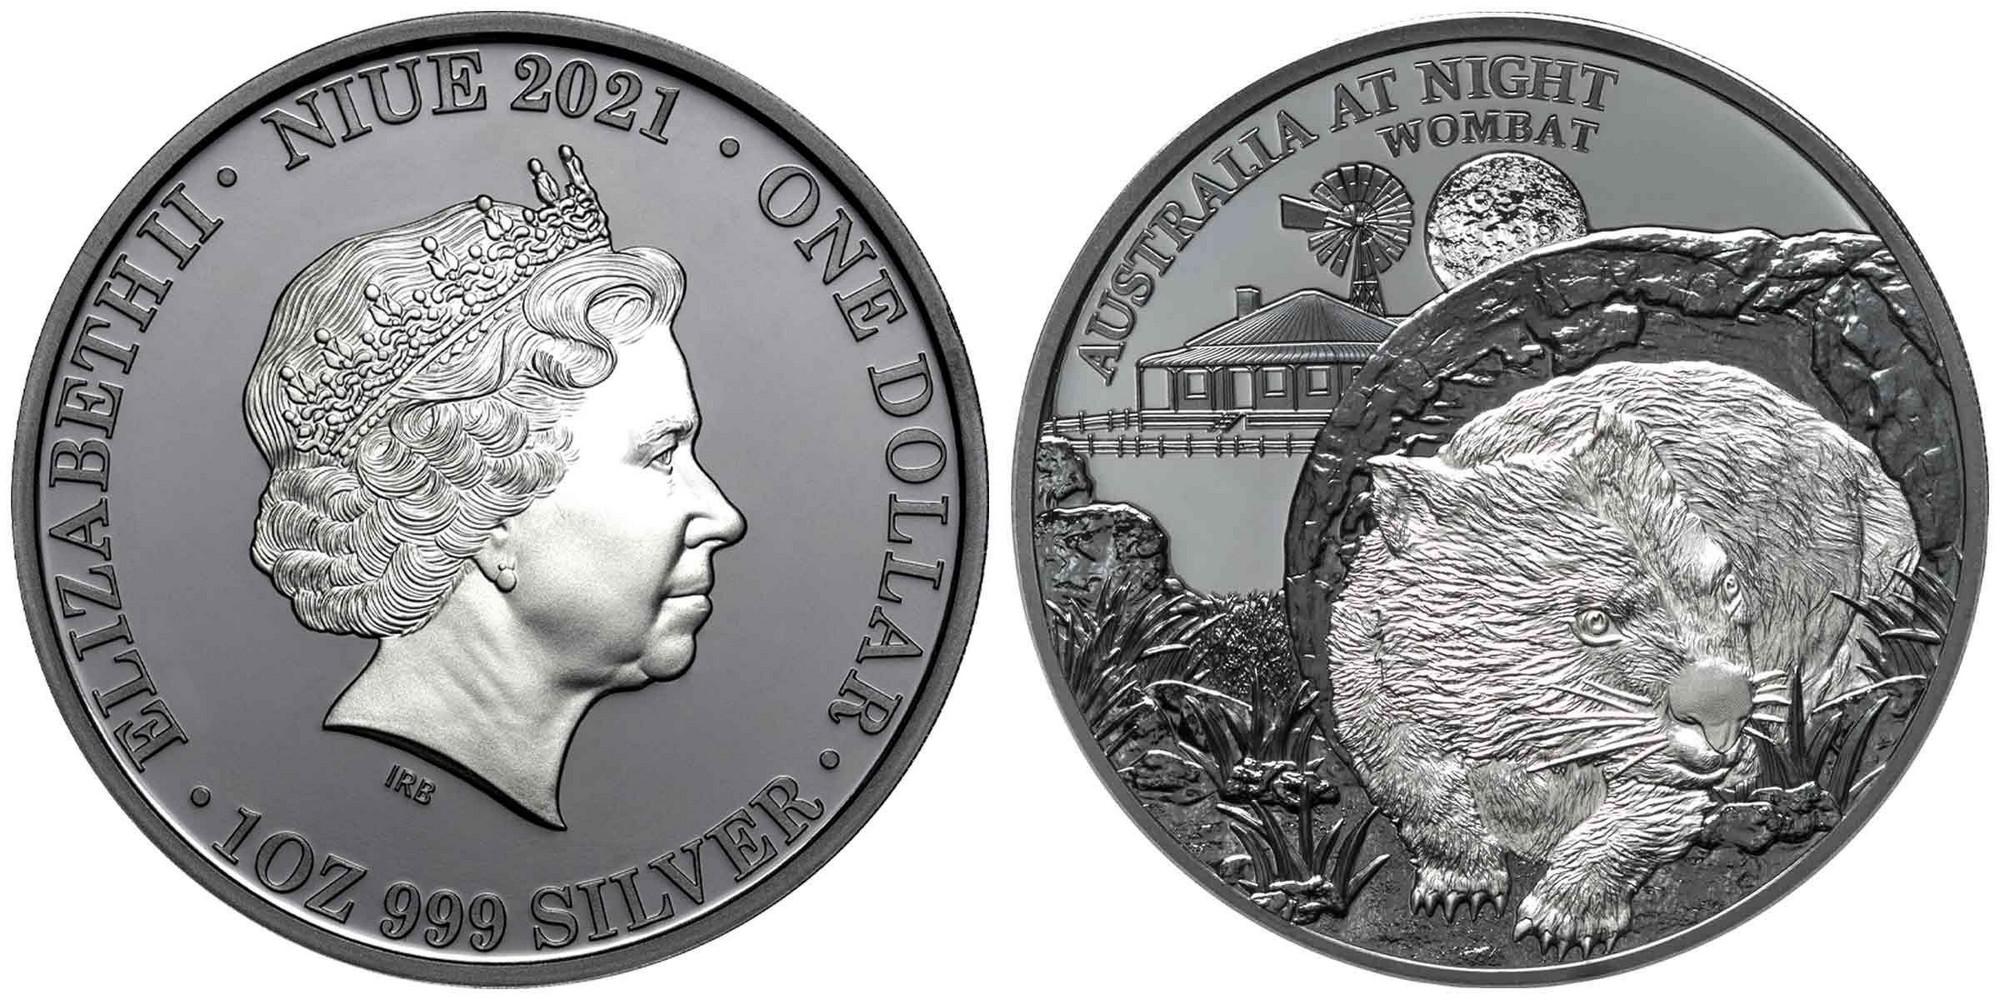 niue-2021-australie-la-nuit-wombat